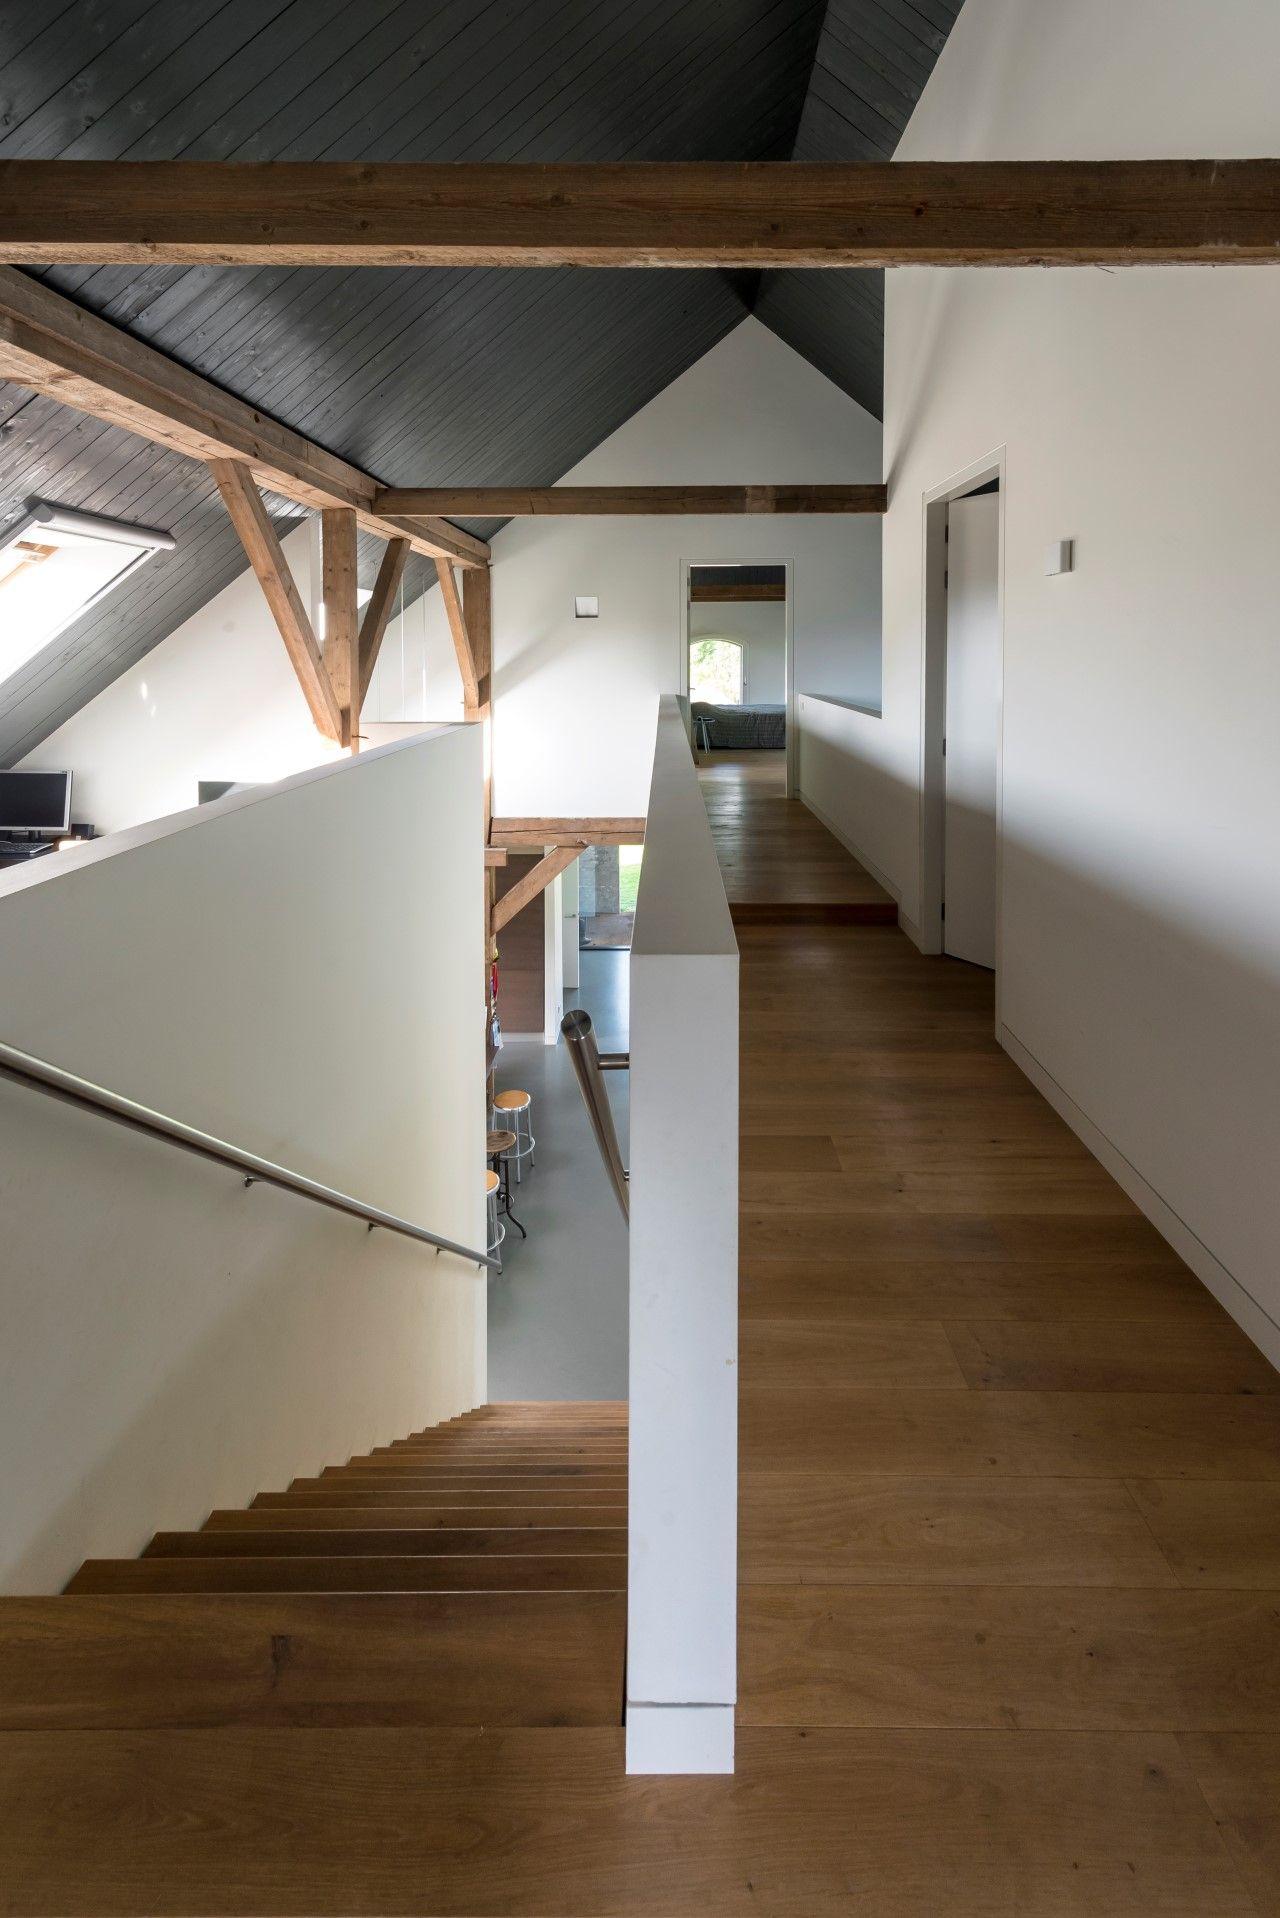 Verbouwing Doetinchem Maas architecten #halinrichting